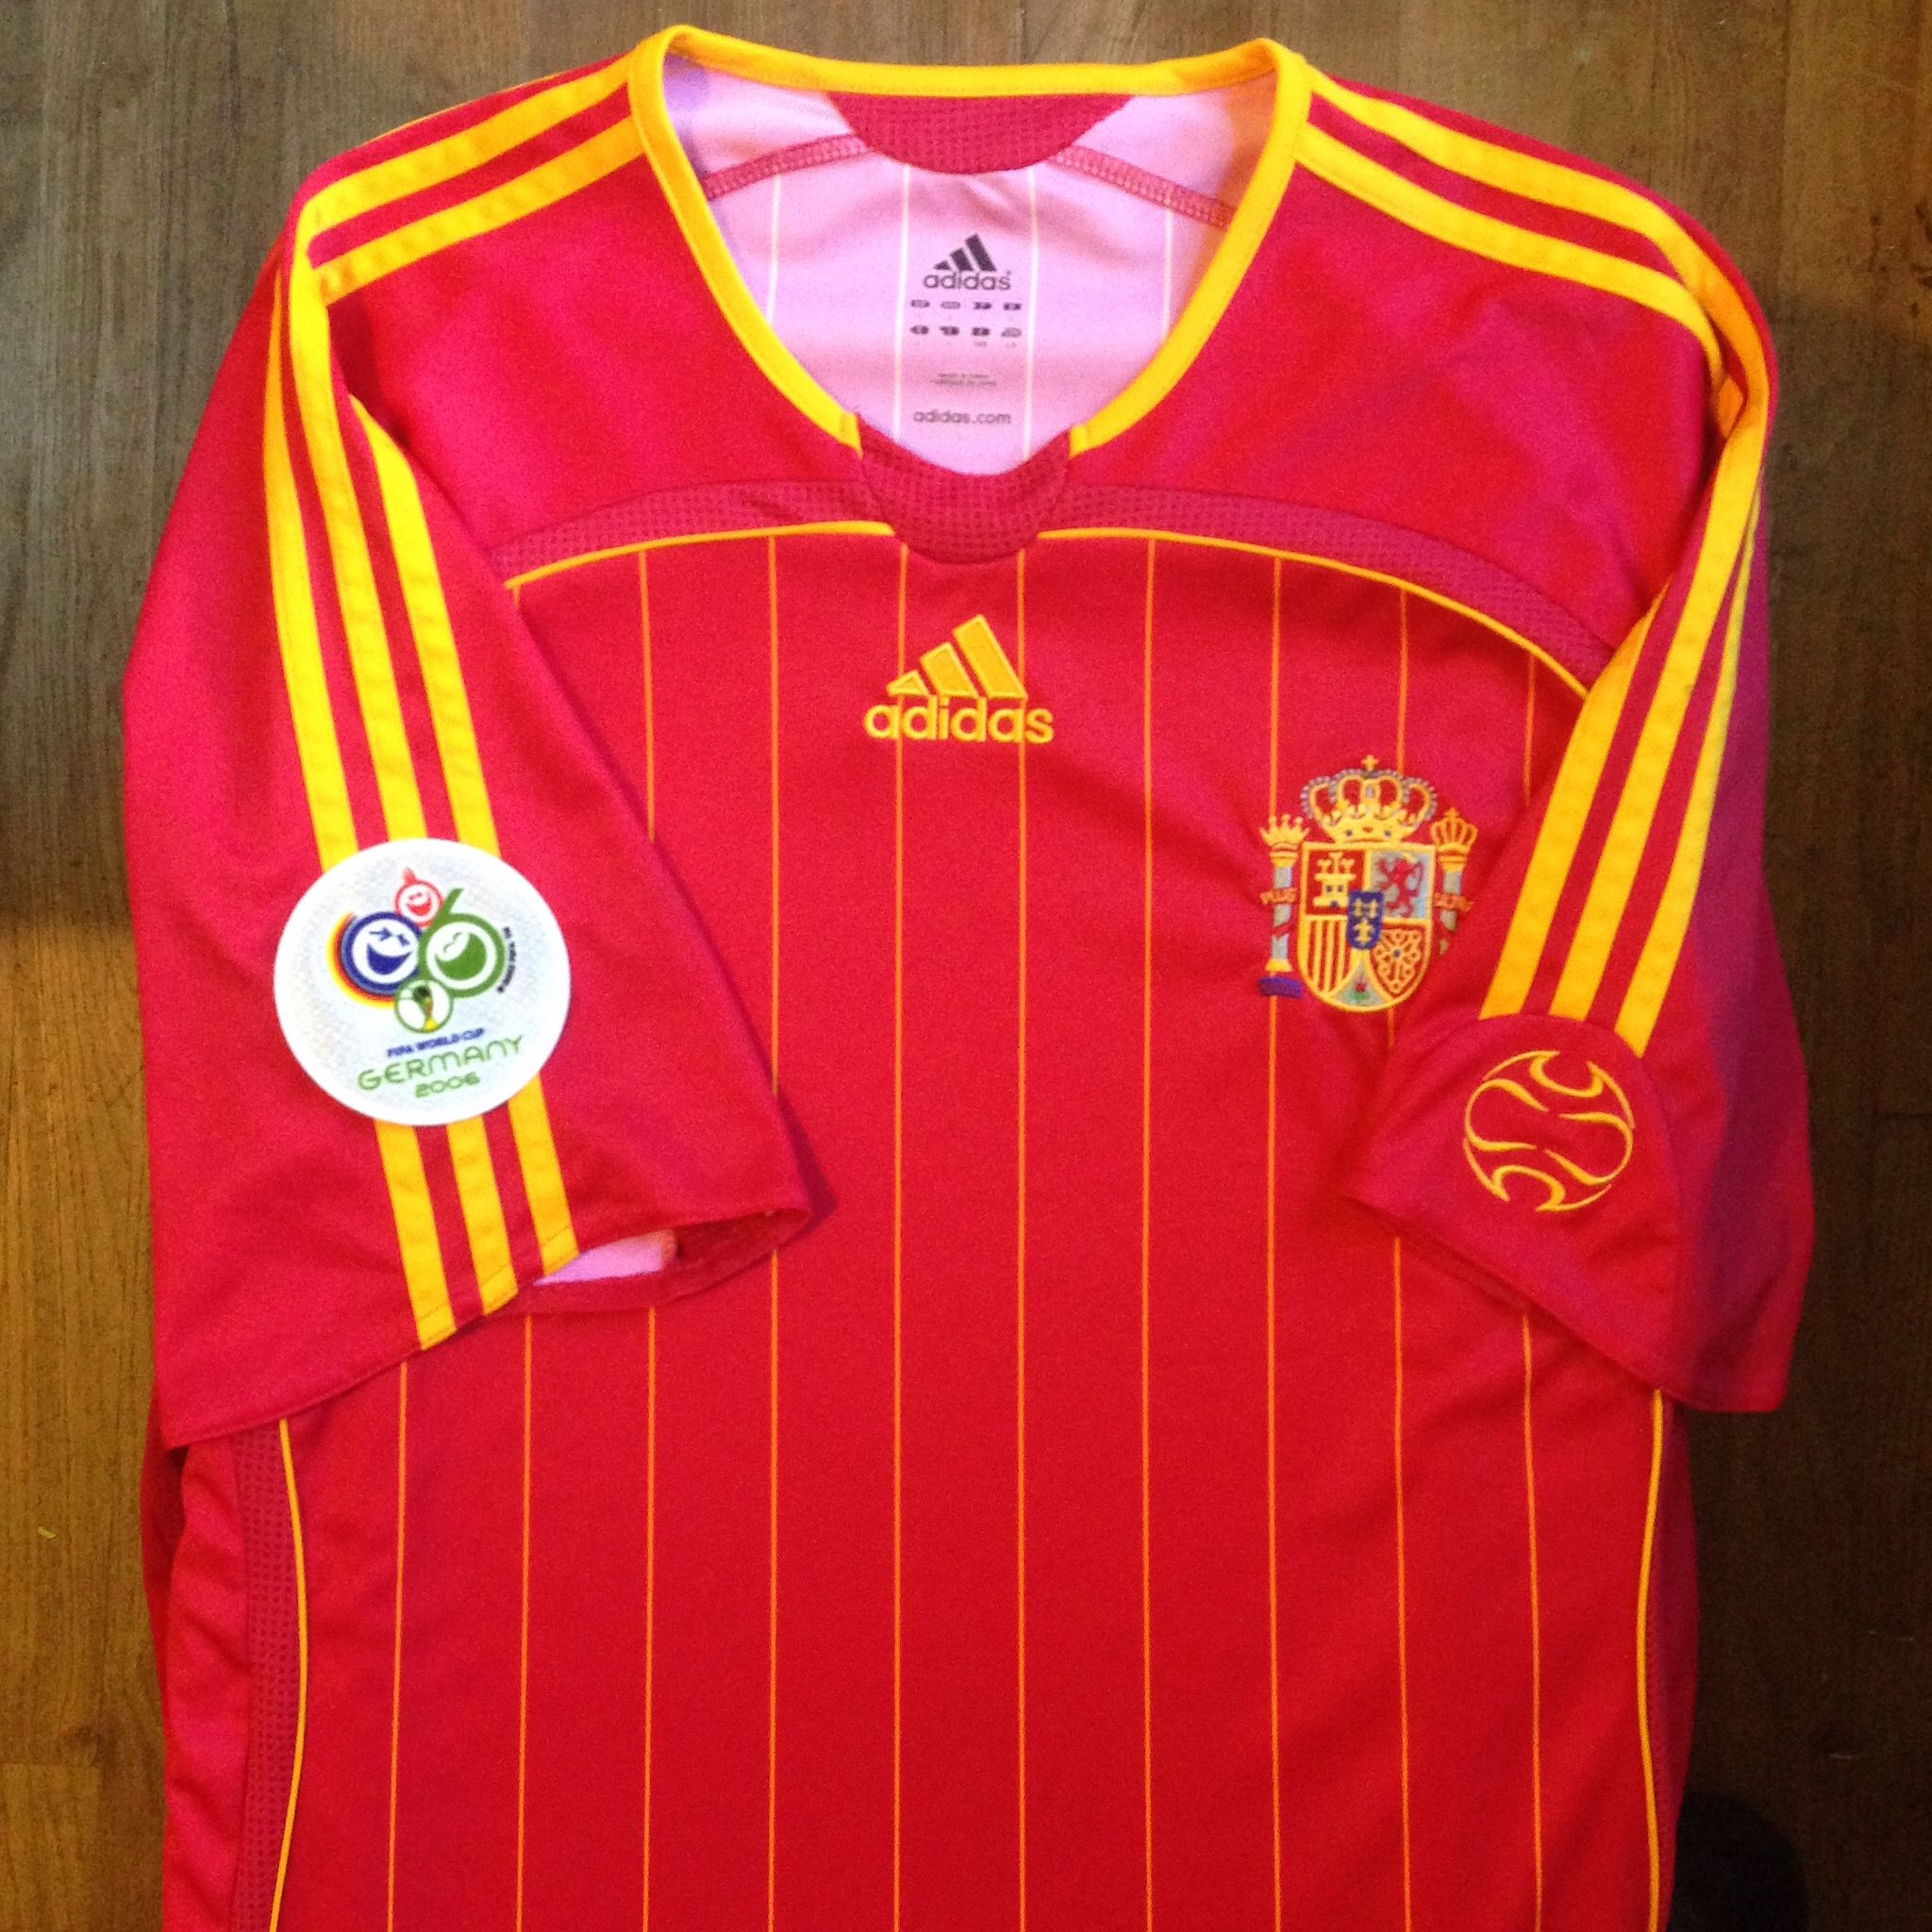 2006 Germany FIFA World Cup Spain Home Jersey    Primera Equipación de la  Selección Española c8f133f8afe